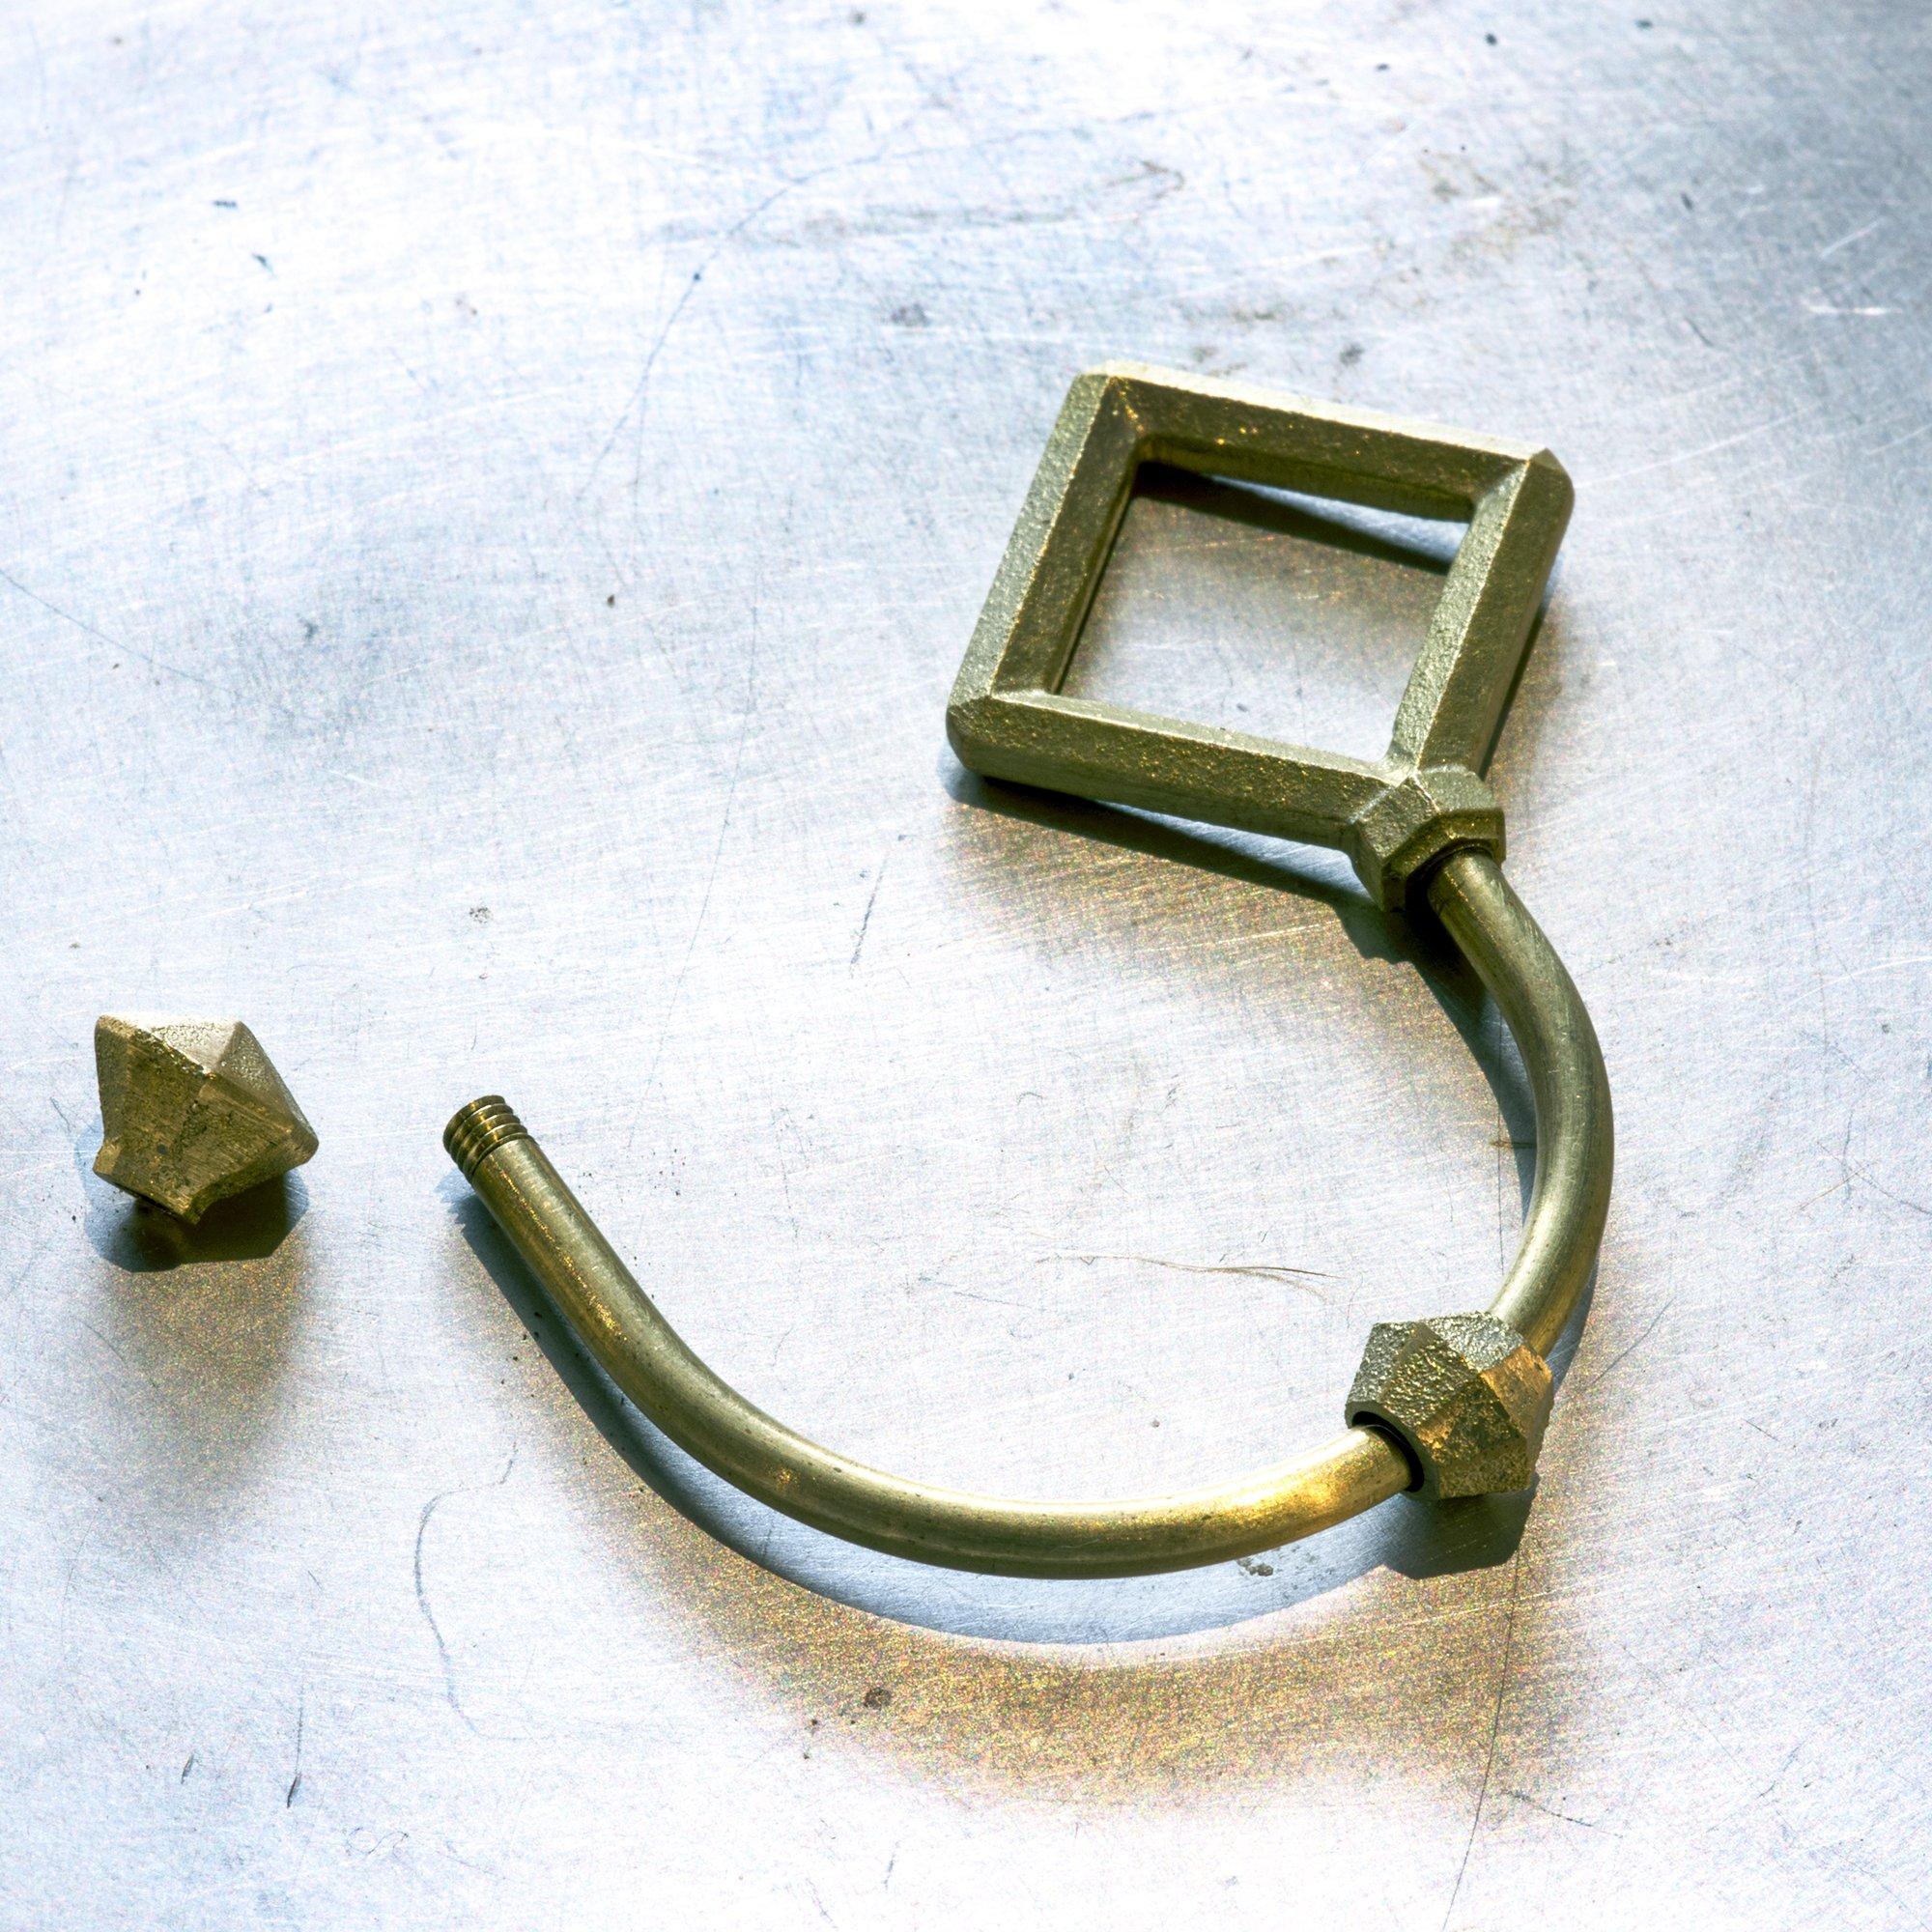 Futagami Brass Key Holder with Separator - Shooting Star Rhombus by Futagami